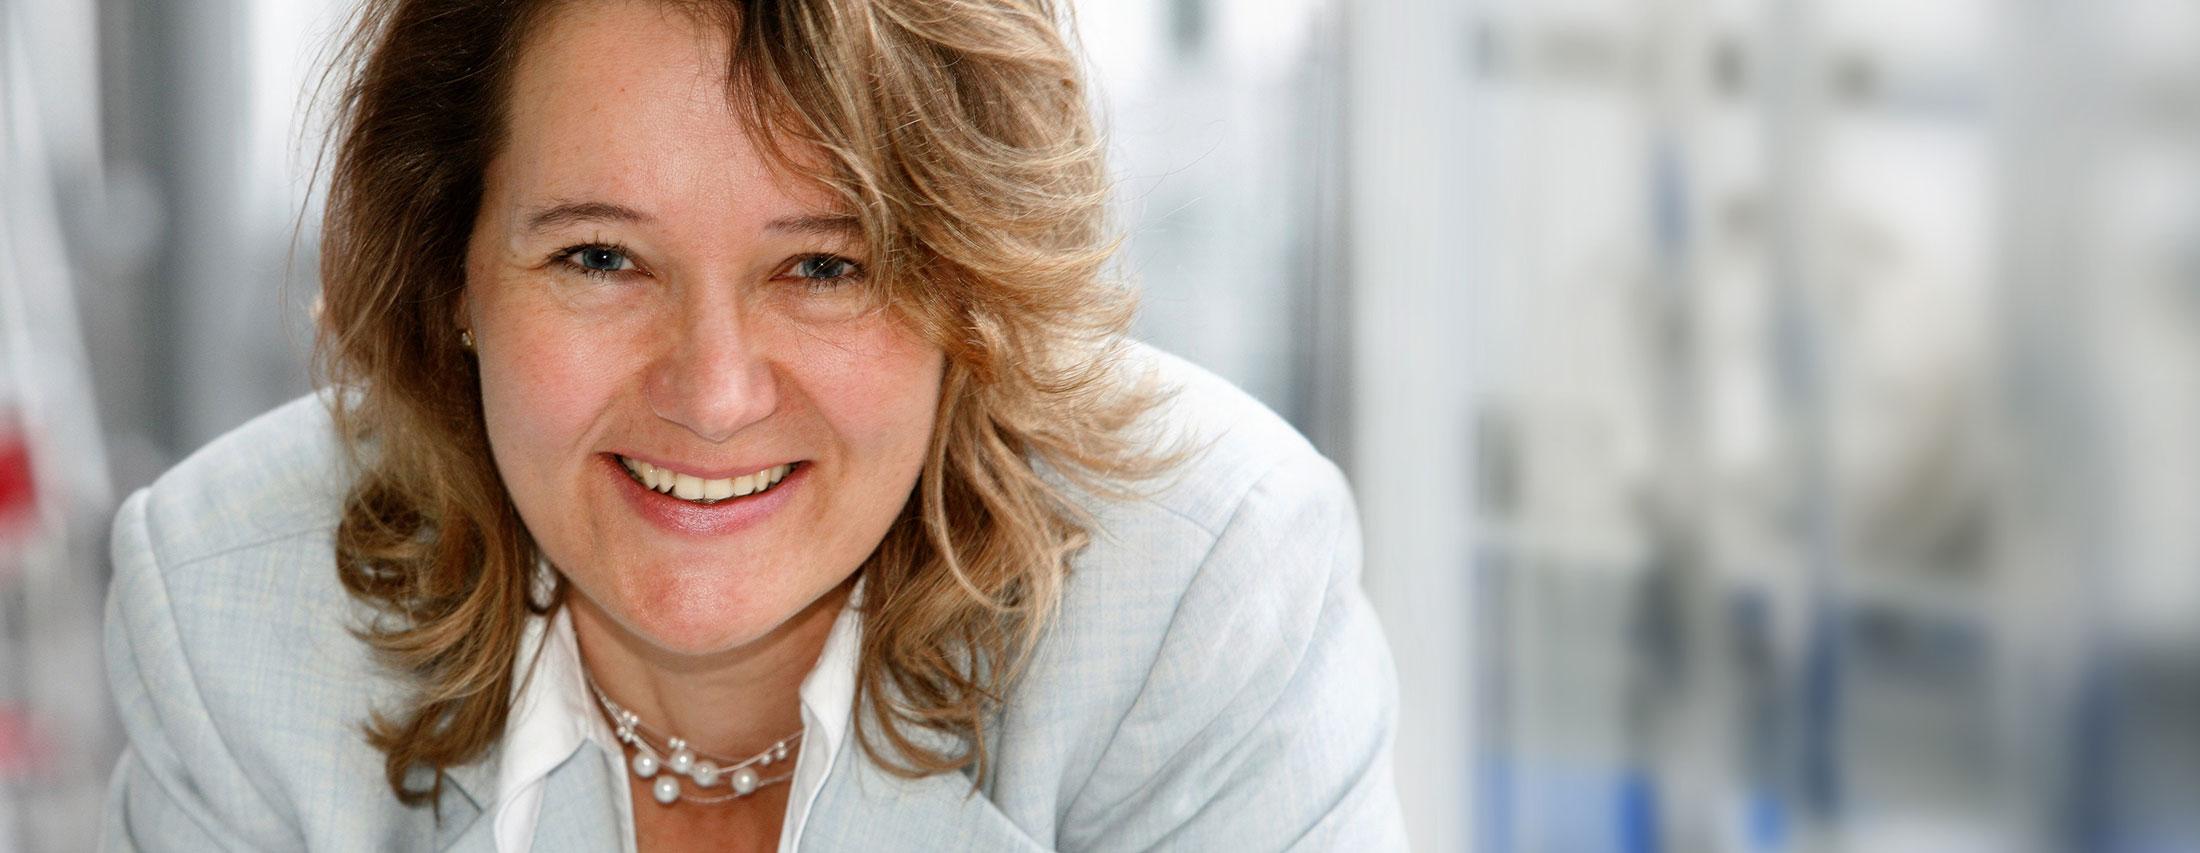 Britta Klapproth - équipe d'interprétation, les professionnels de votre événement international